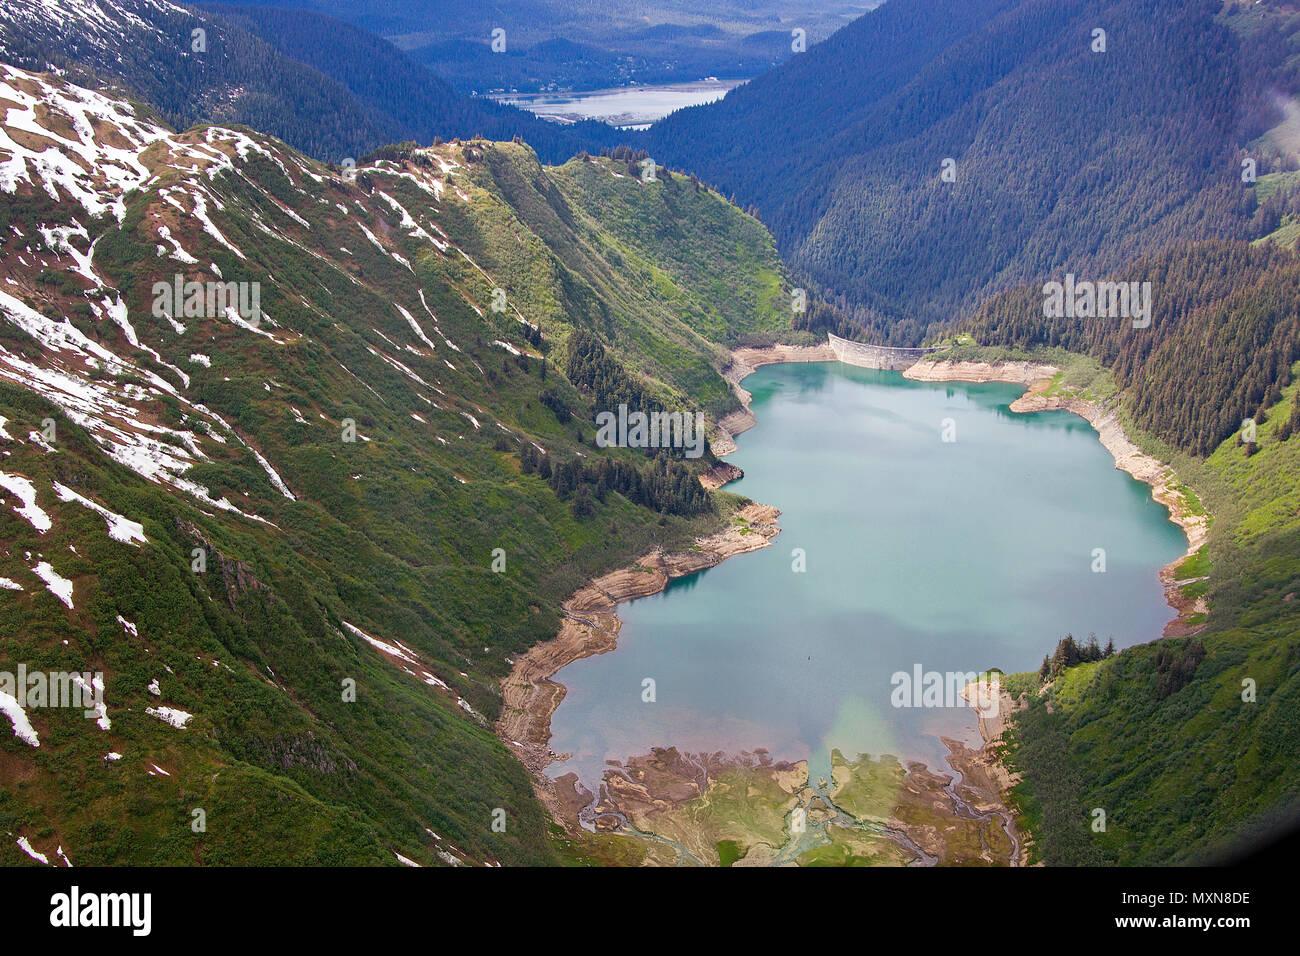 Mendenhall-Gletscher Gletschersee bin, Juneau, Alaska, Nordpazifik, USA   Gletscher See am Mendenhall Gletscher, Alaska, North Pacific, USA Stockbild